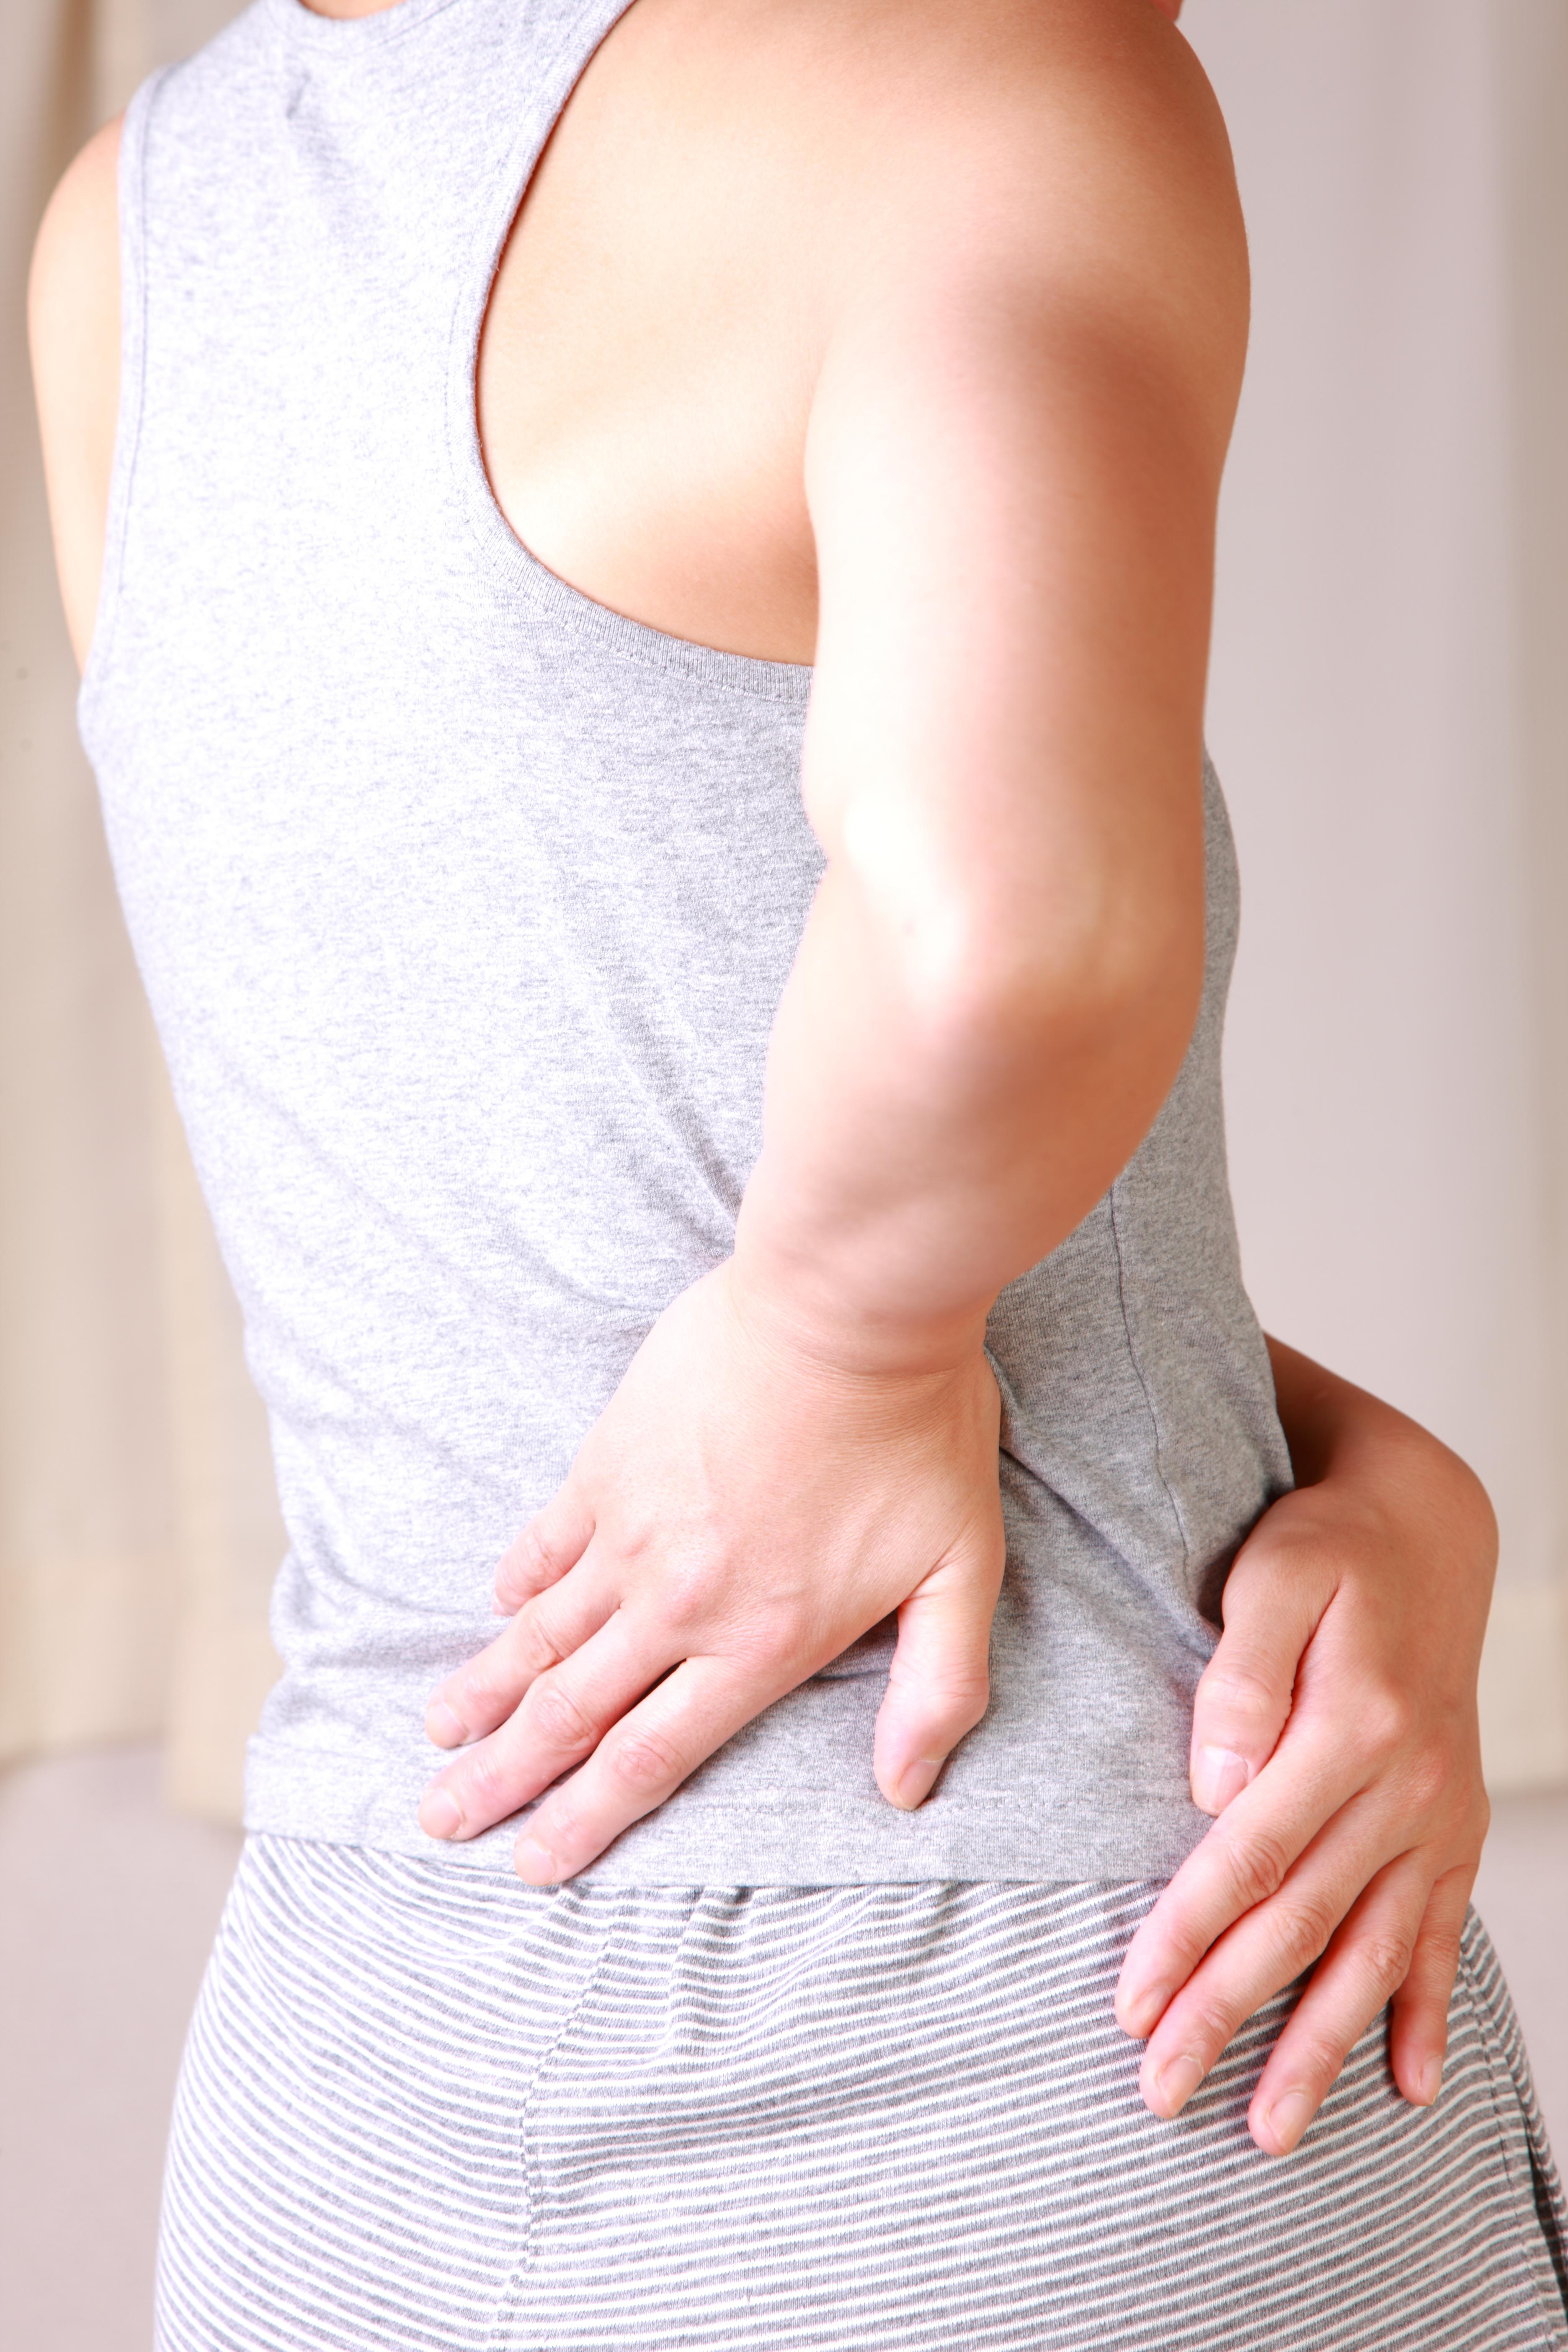 Det är mycket vanligt att få ryggskott eller ryggont, hela åtta av tio personer drabbas vid någon tidpunkt i livet.